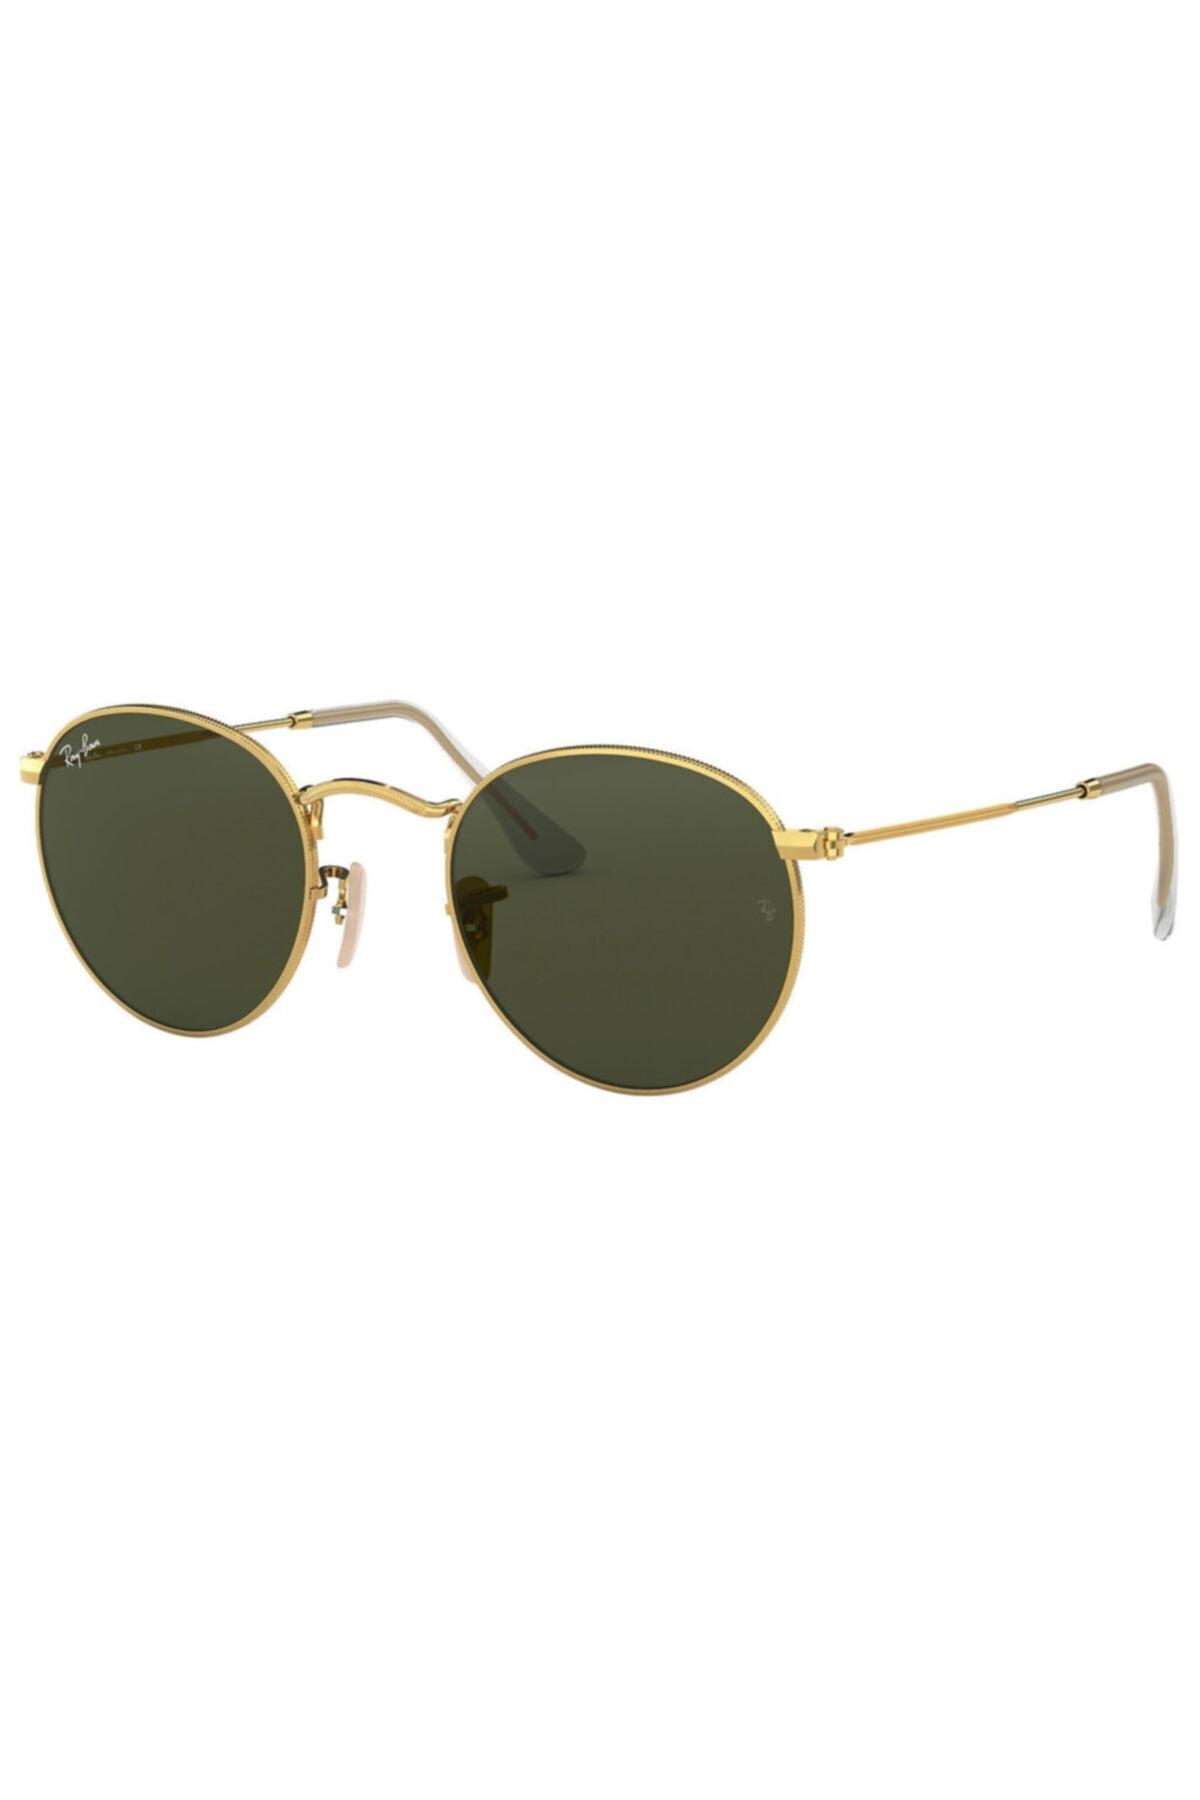 عینک آفتابی مردانه ترک برند ری بن کد ty1204497